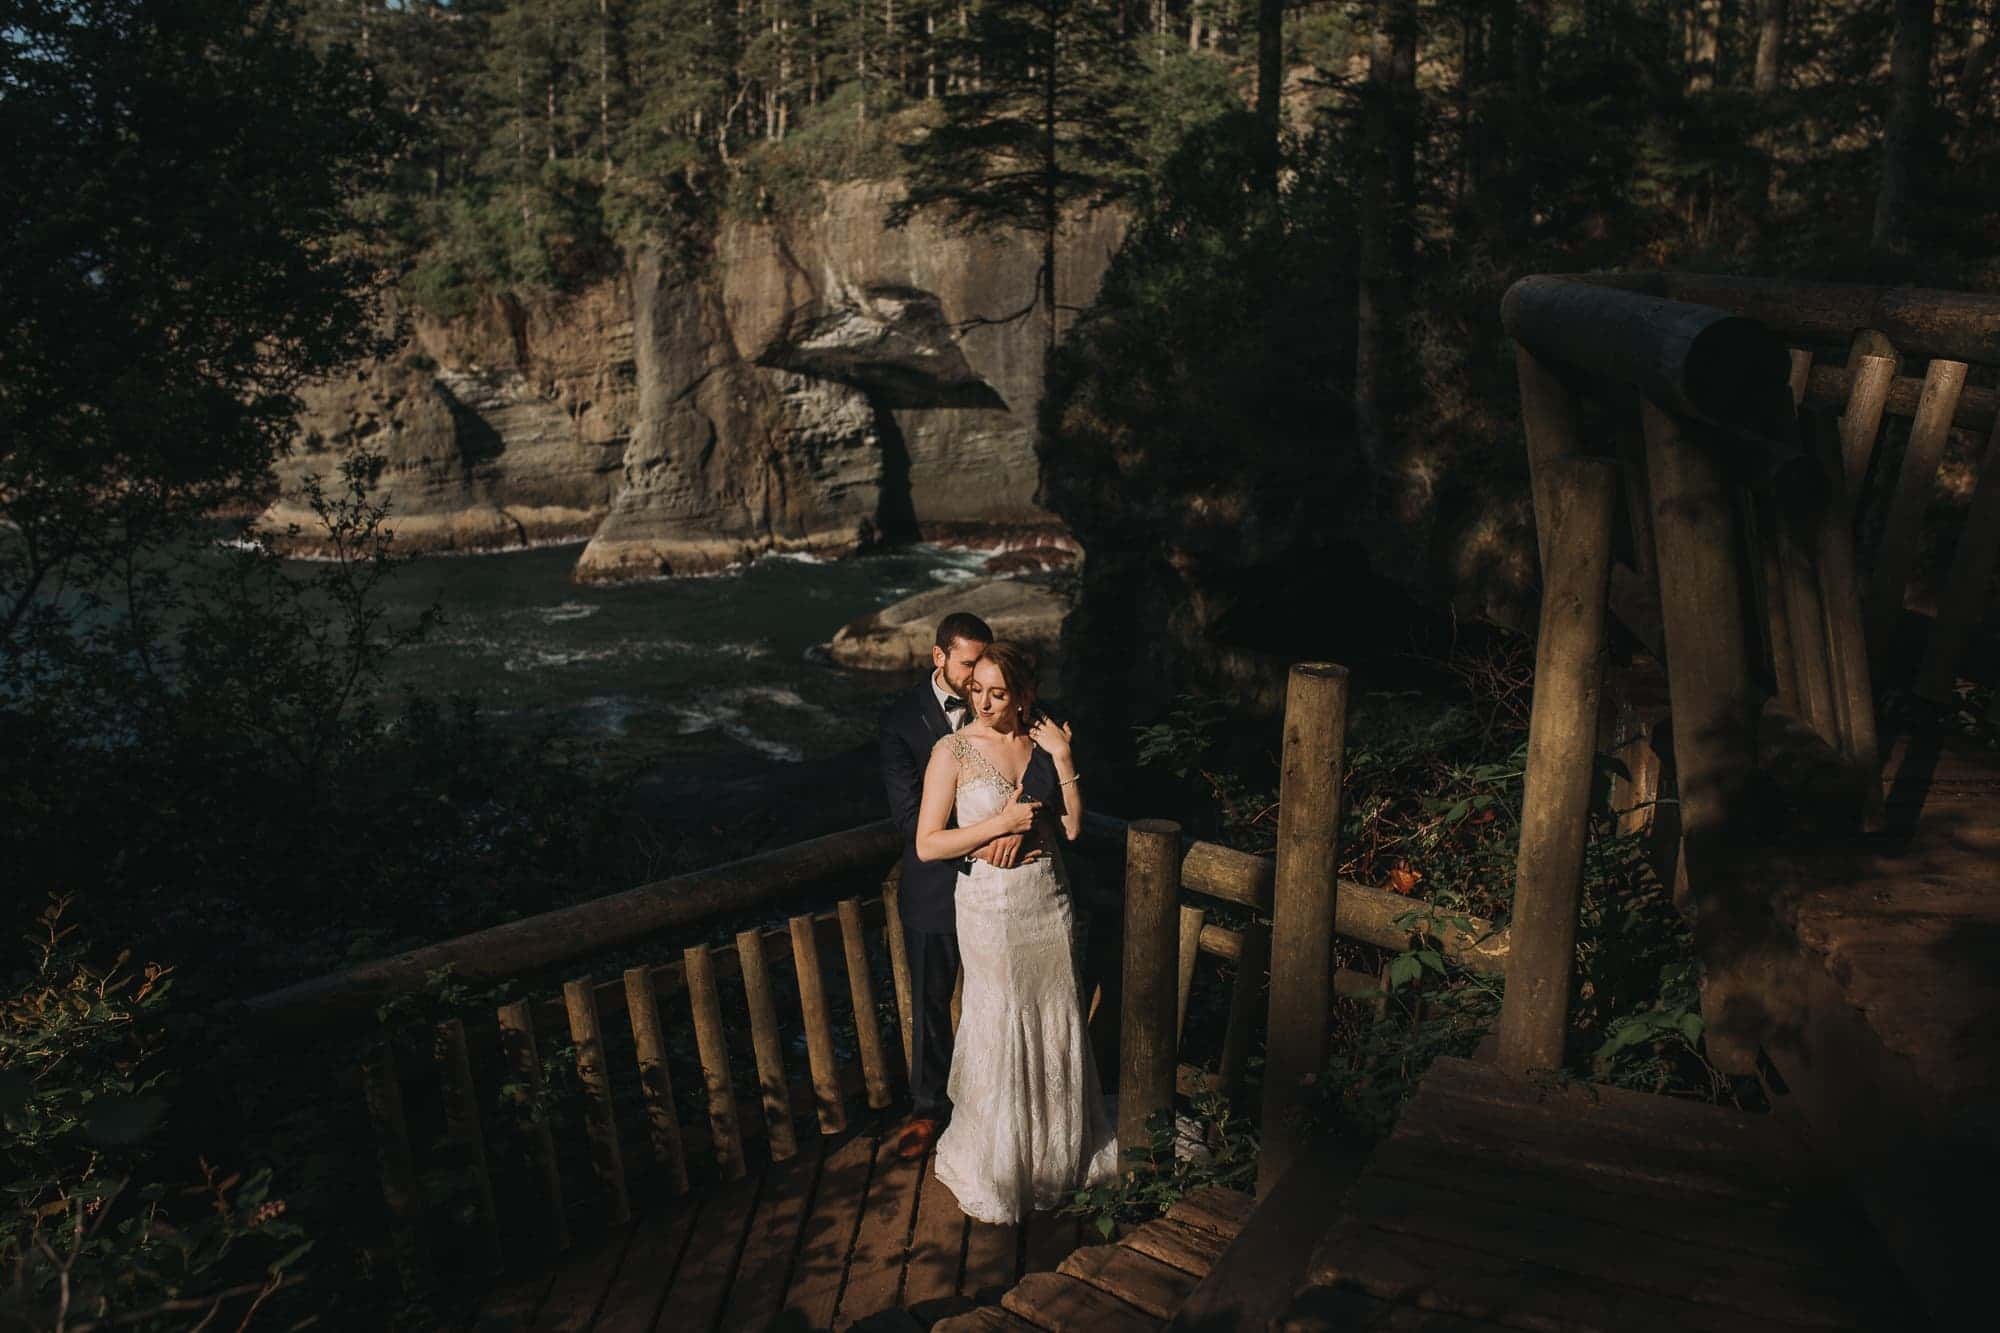 Cape Flattery Elopement, Wedding, Sunset